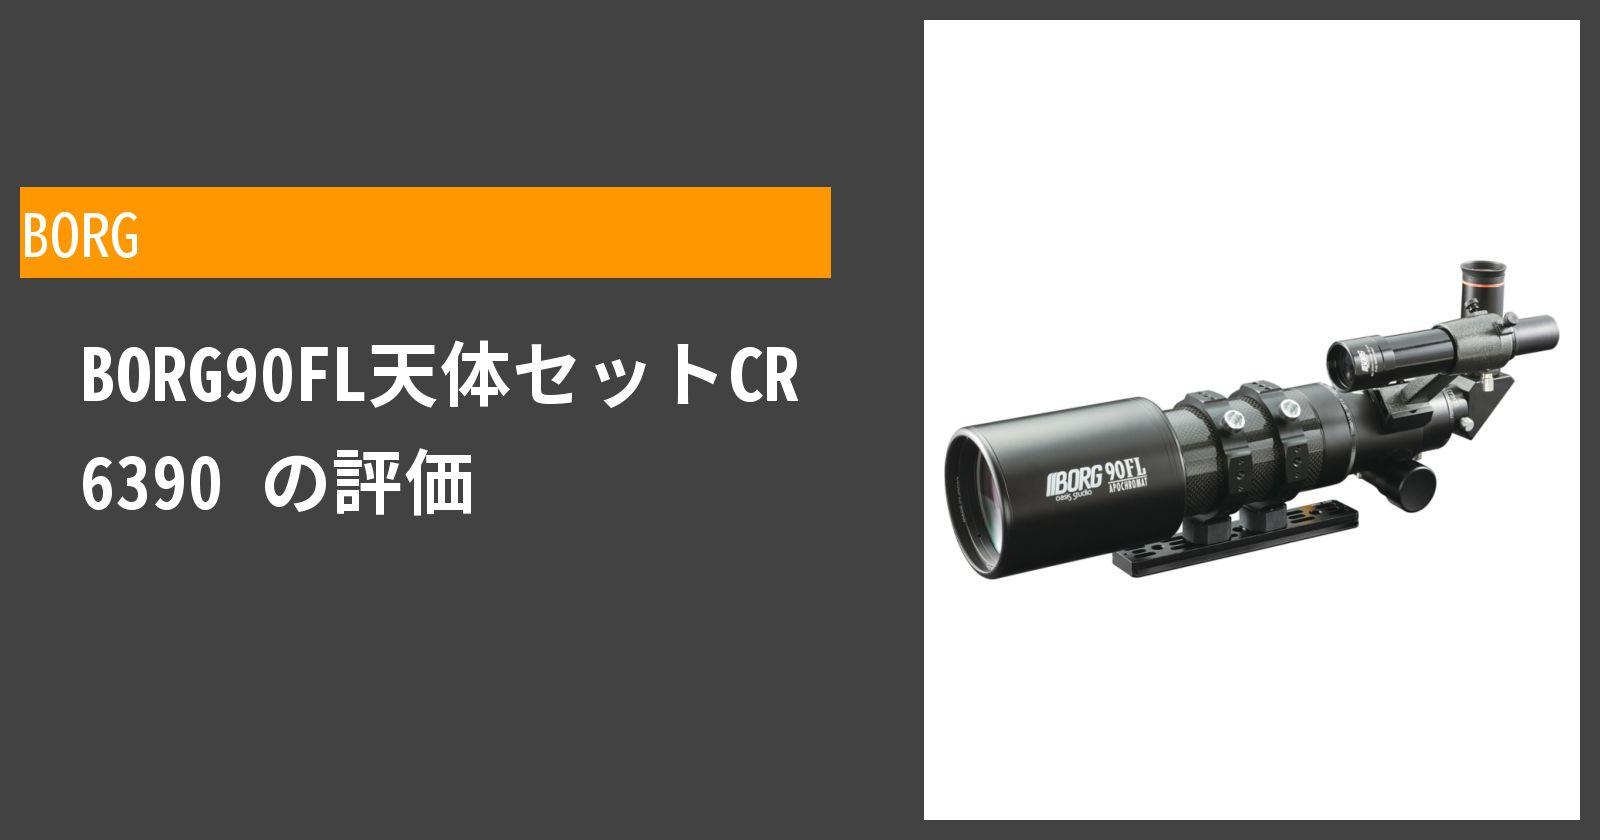 BORG90FL天体セットCR 6390を徹底評価